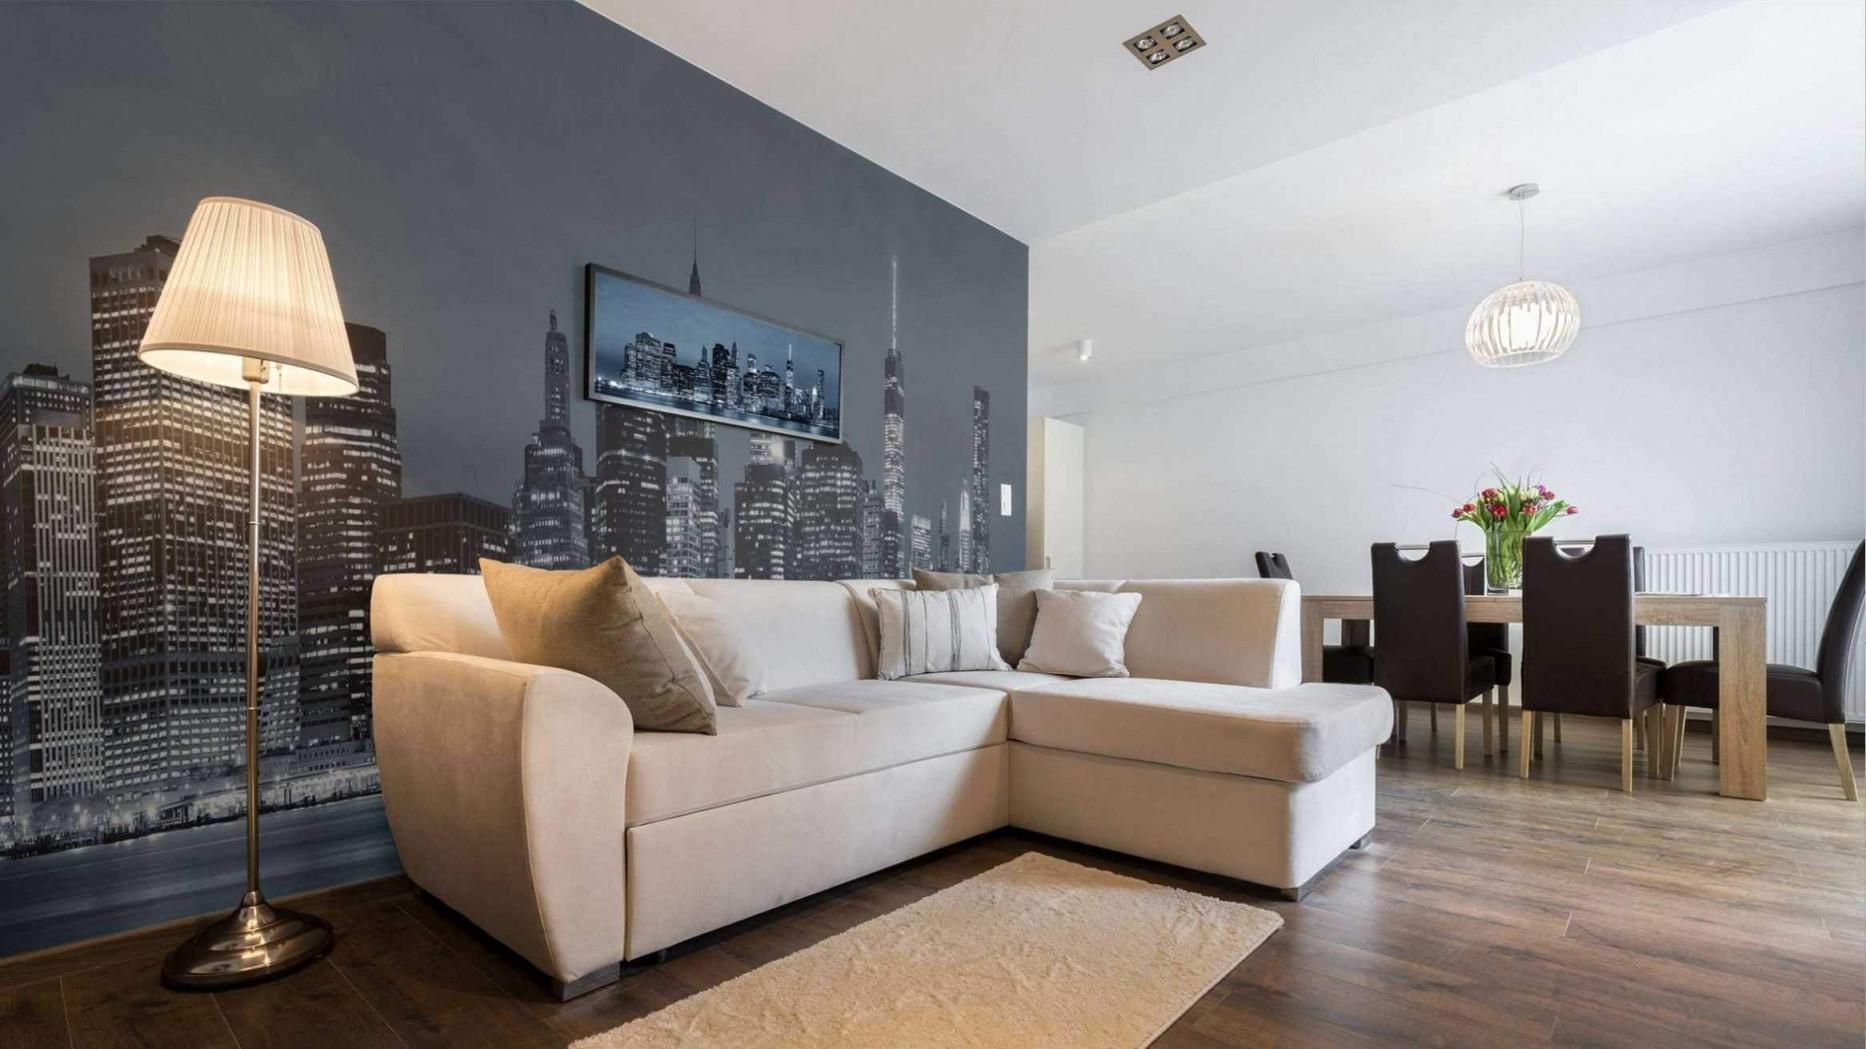 36 Frisch Wandfarben Wohnzimmer Modern Einzigartig von Moderne Wandfarbe Wohnzimmer Photo